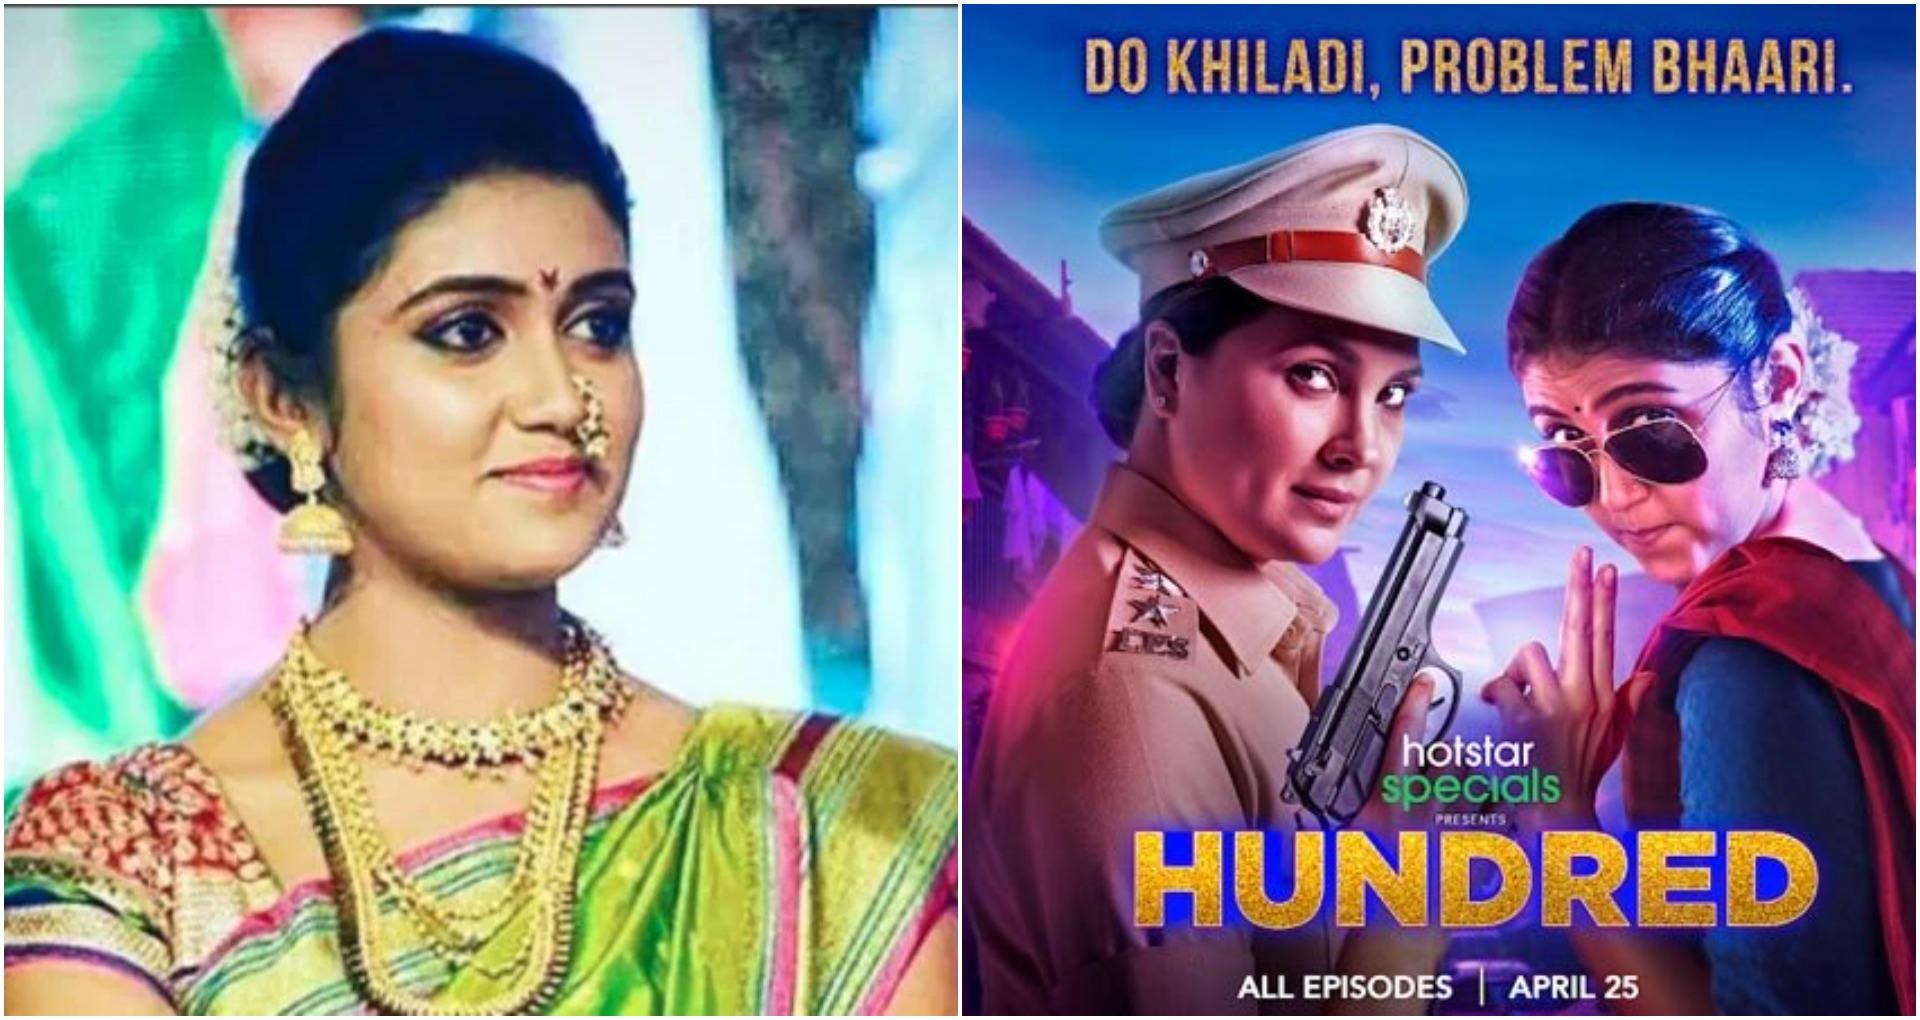 EXCLUSIVE: सैराट गर्ल रिंकू राजगुरु फिल्म हंडरेड से कर रही है बॉलीवुड में डेब्यू, कहीं ये बातें